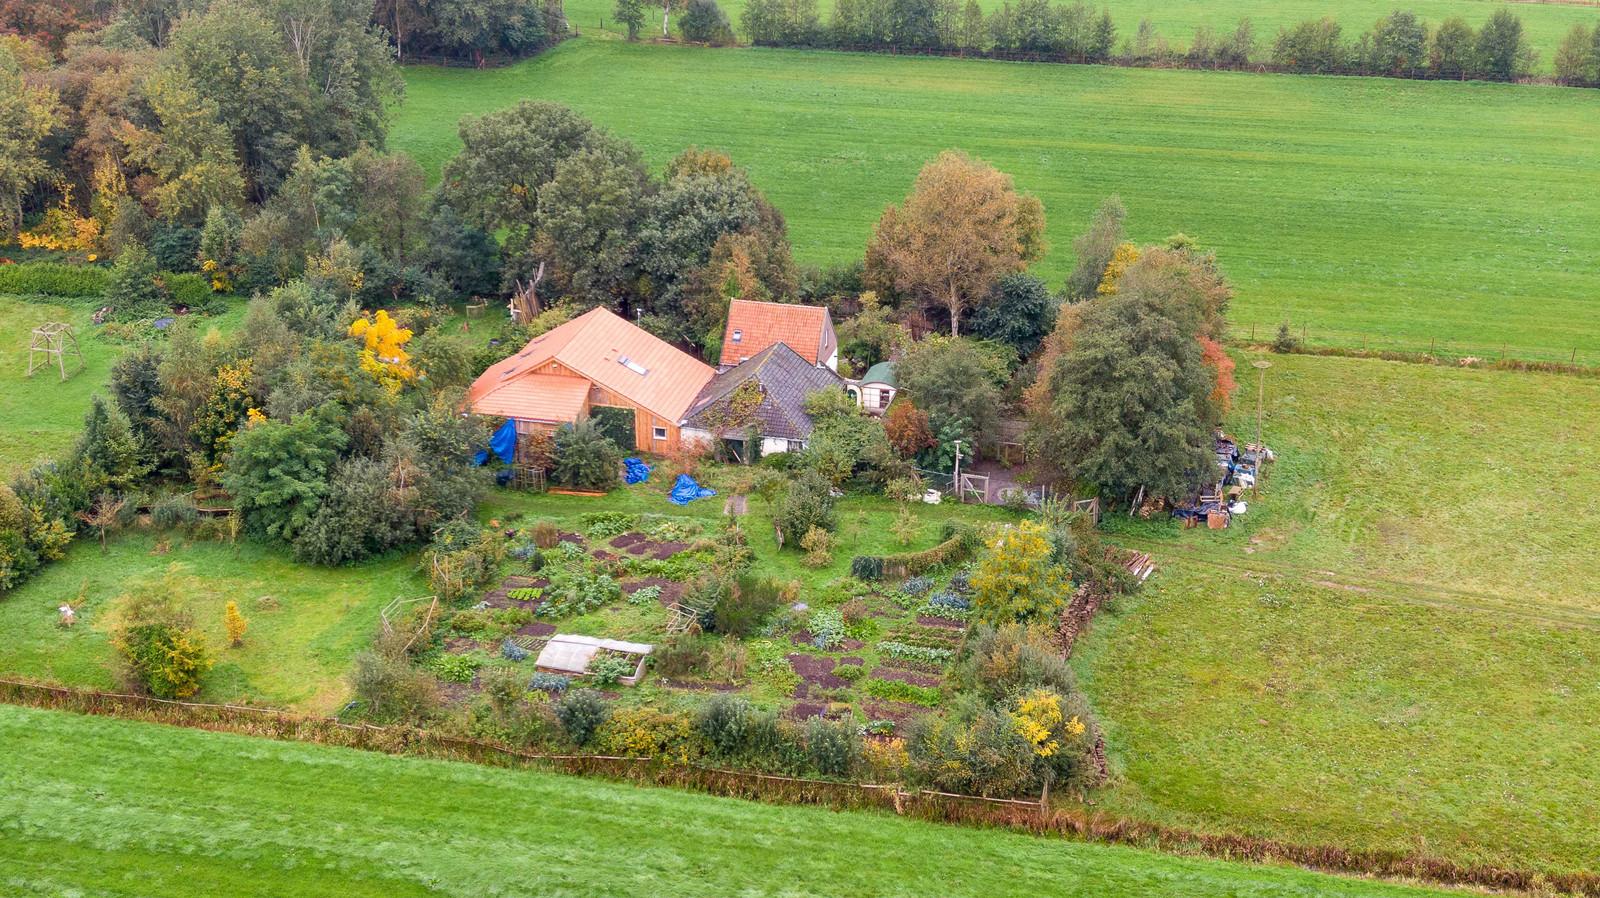 Een dronefoto van de boerderij aan de Buitenhuizerweg in Ruinerwold, waar zes mensen al jaren in de ruimte woonden en wachten op 'het einde der tijden'.